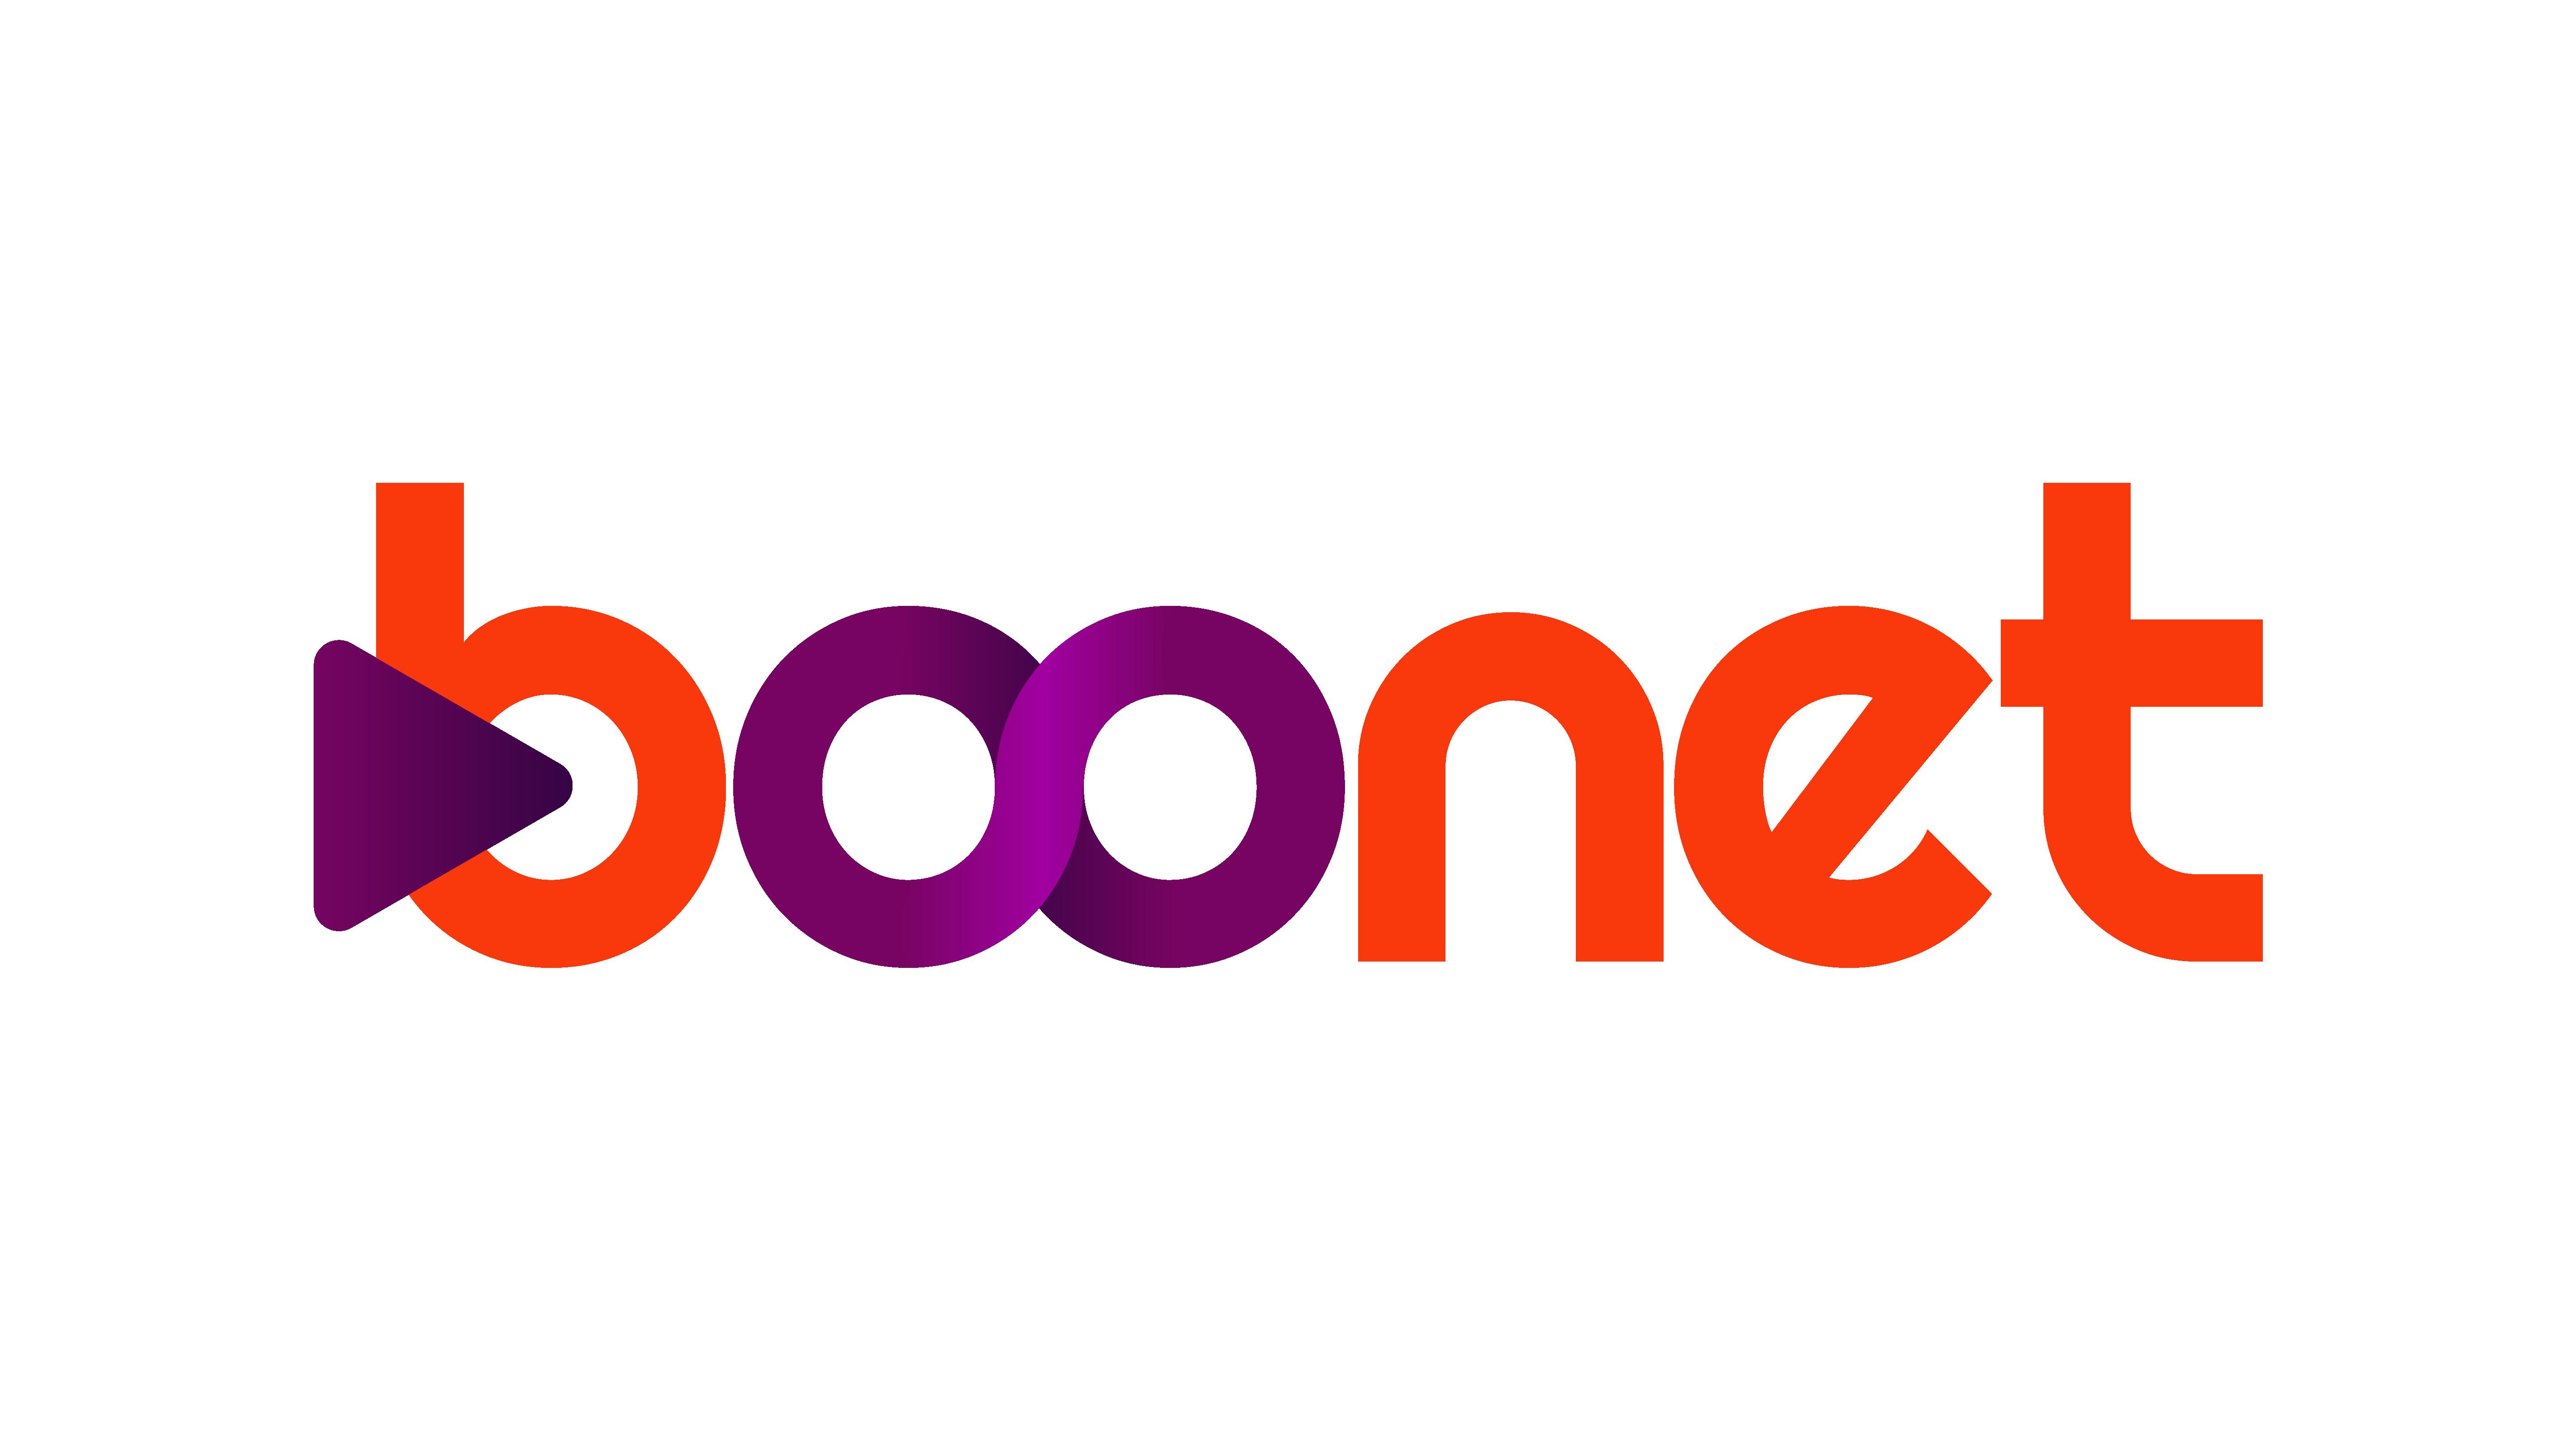 LOGO_BOONET_ORIGINAL